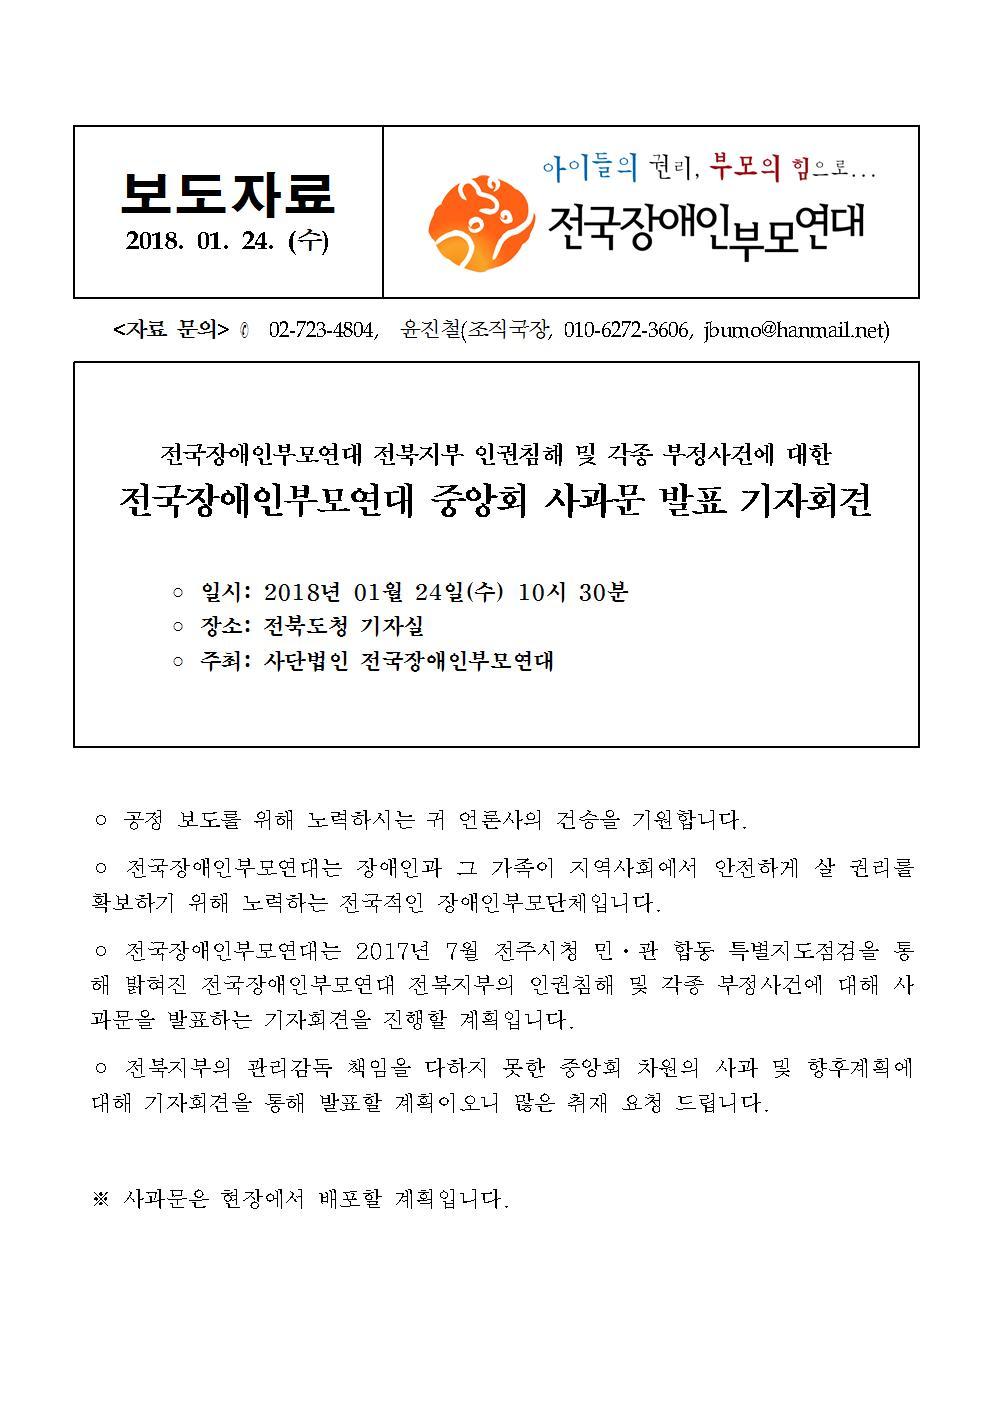 [보도자료]전국장애인부모연대 전북지부 사건에 대한 중앙회 사과 기자회견.jpg